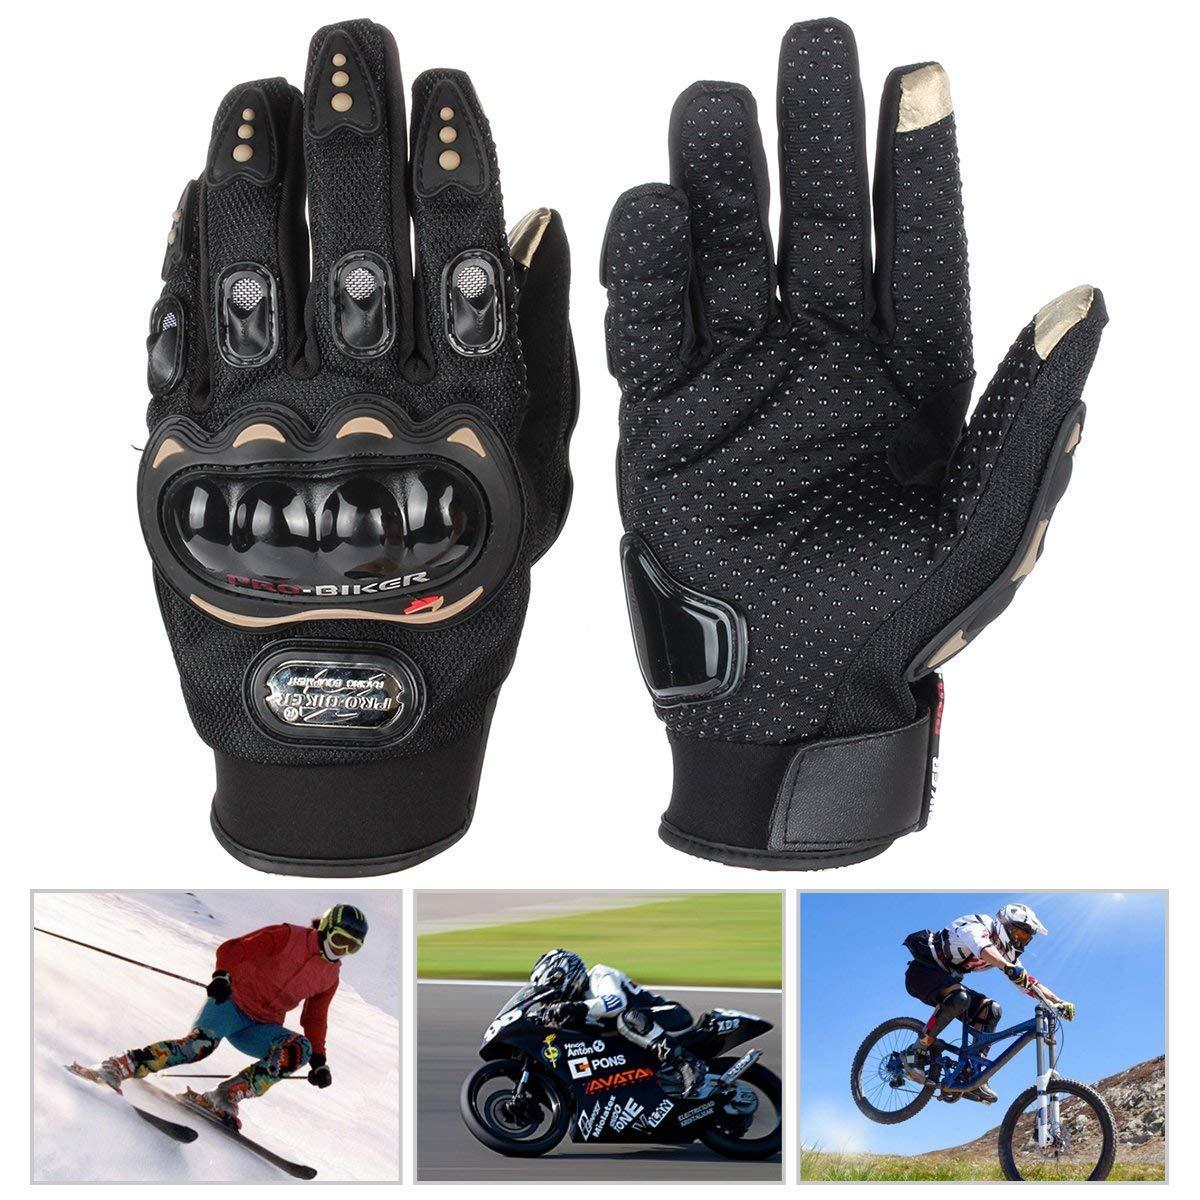 Gants De Moto Avec /Écran Tactile Noir L Escalade,Randonn/ée Et Autres Sports De Plein Air Hors Route Gants Equitation Gants Antid/érapant Gants D/ét/é Pour Motocross Bicyclette Sport Cyclisme VTT